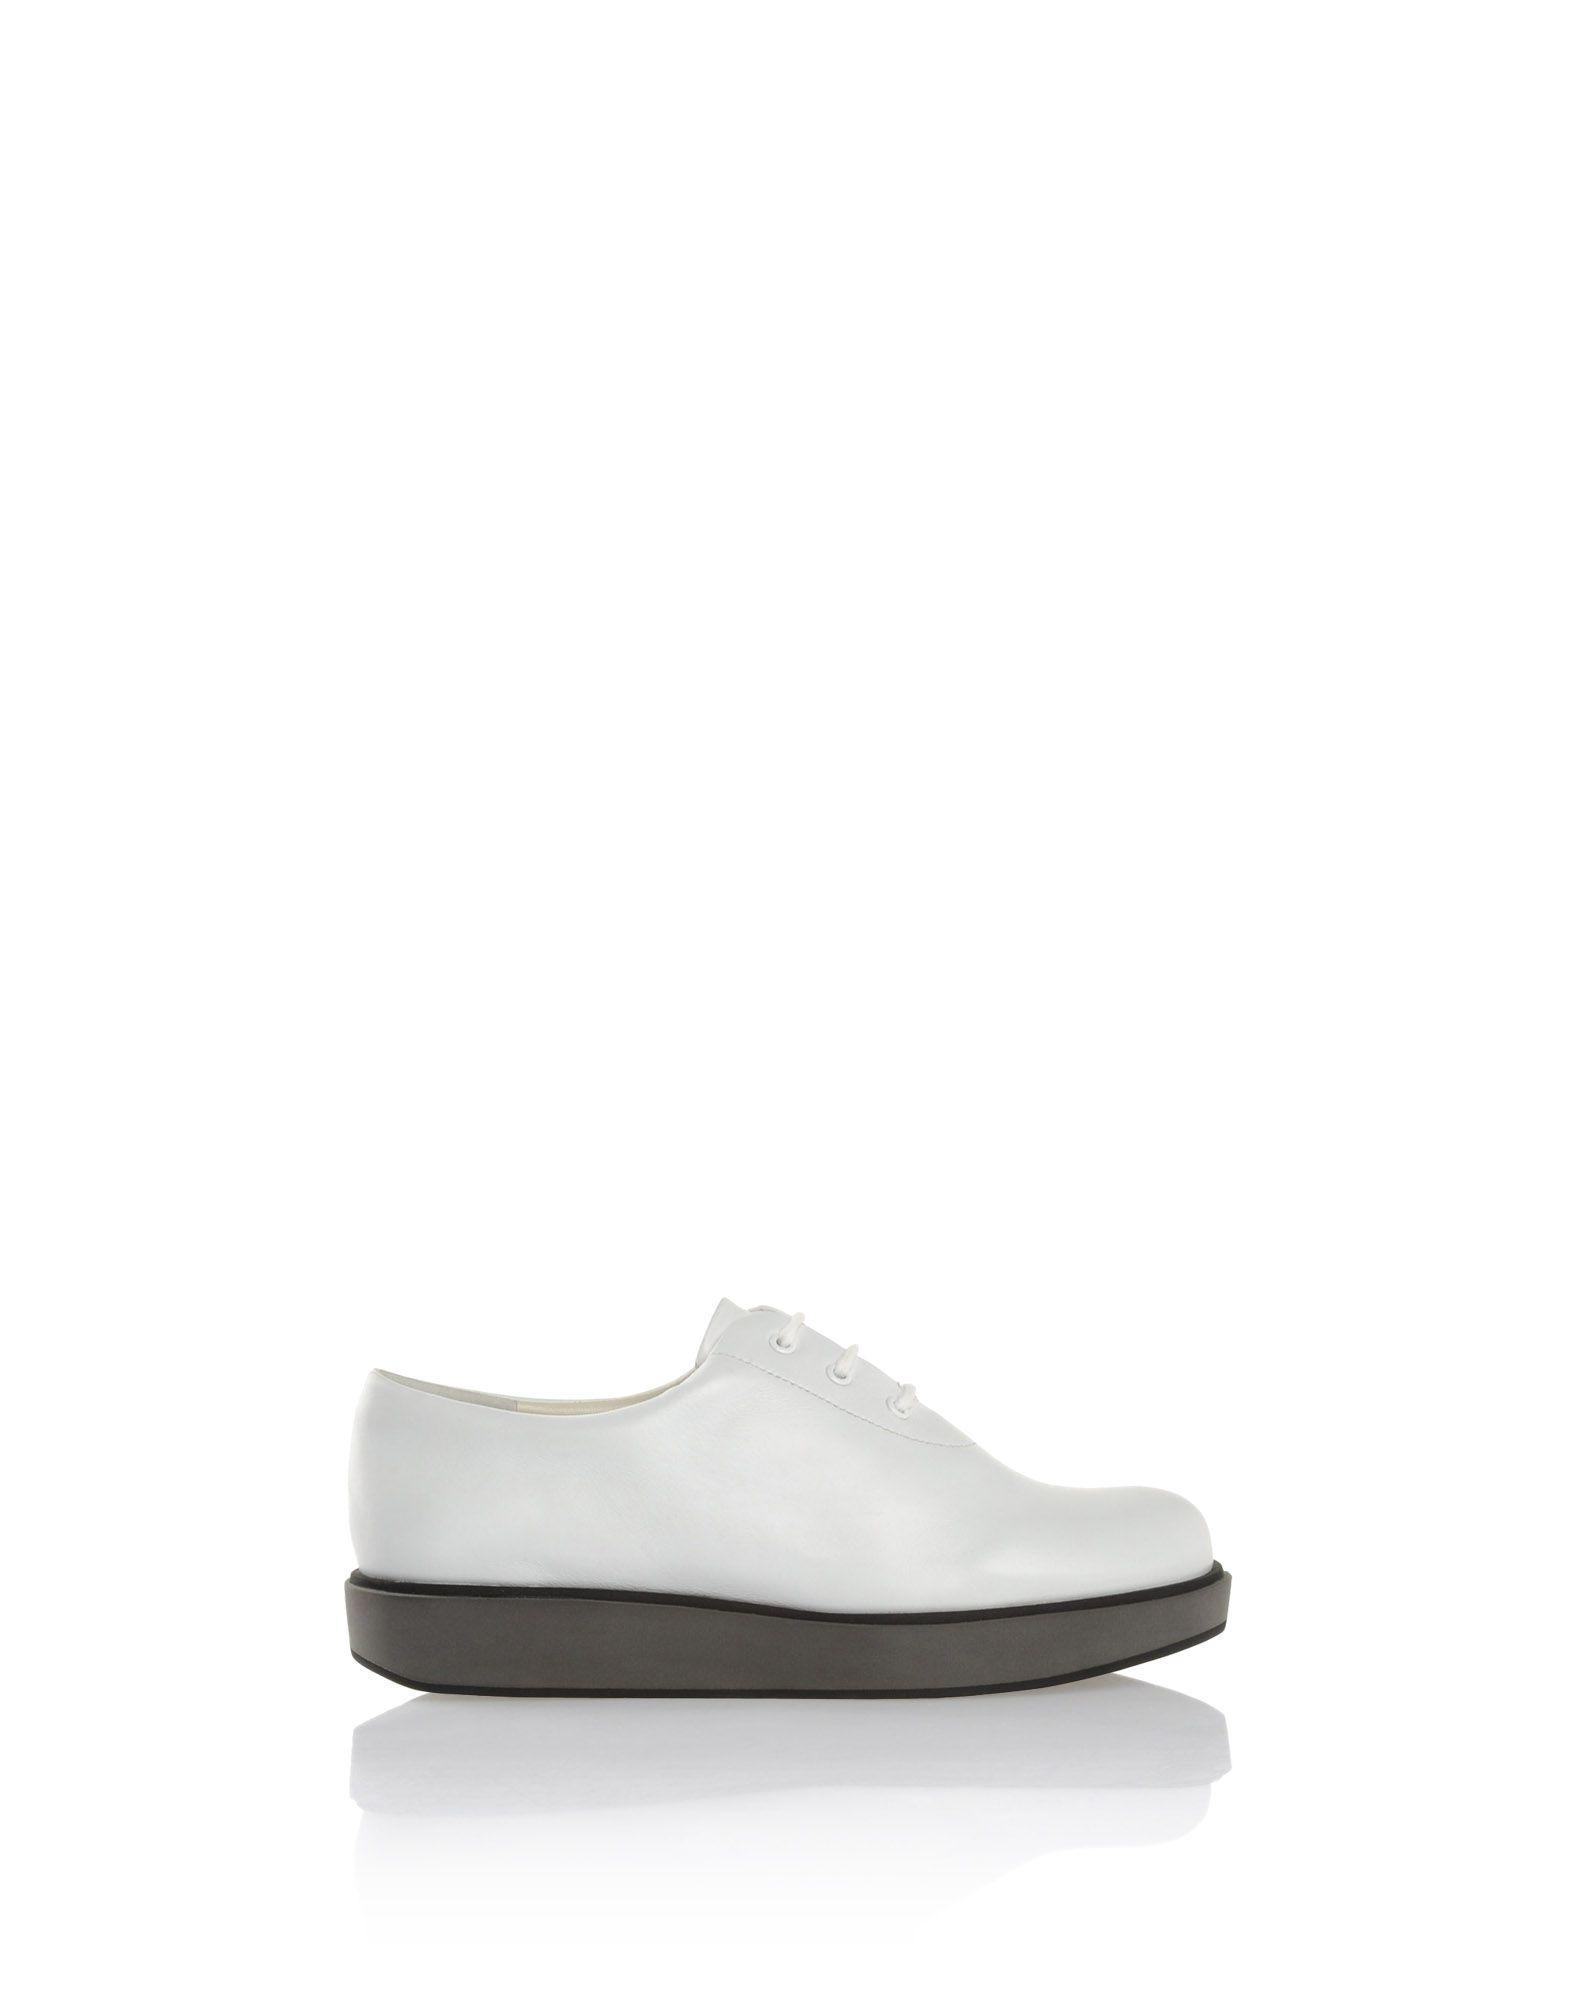 Sneakers - JIL SANDER NAVY Online Store